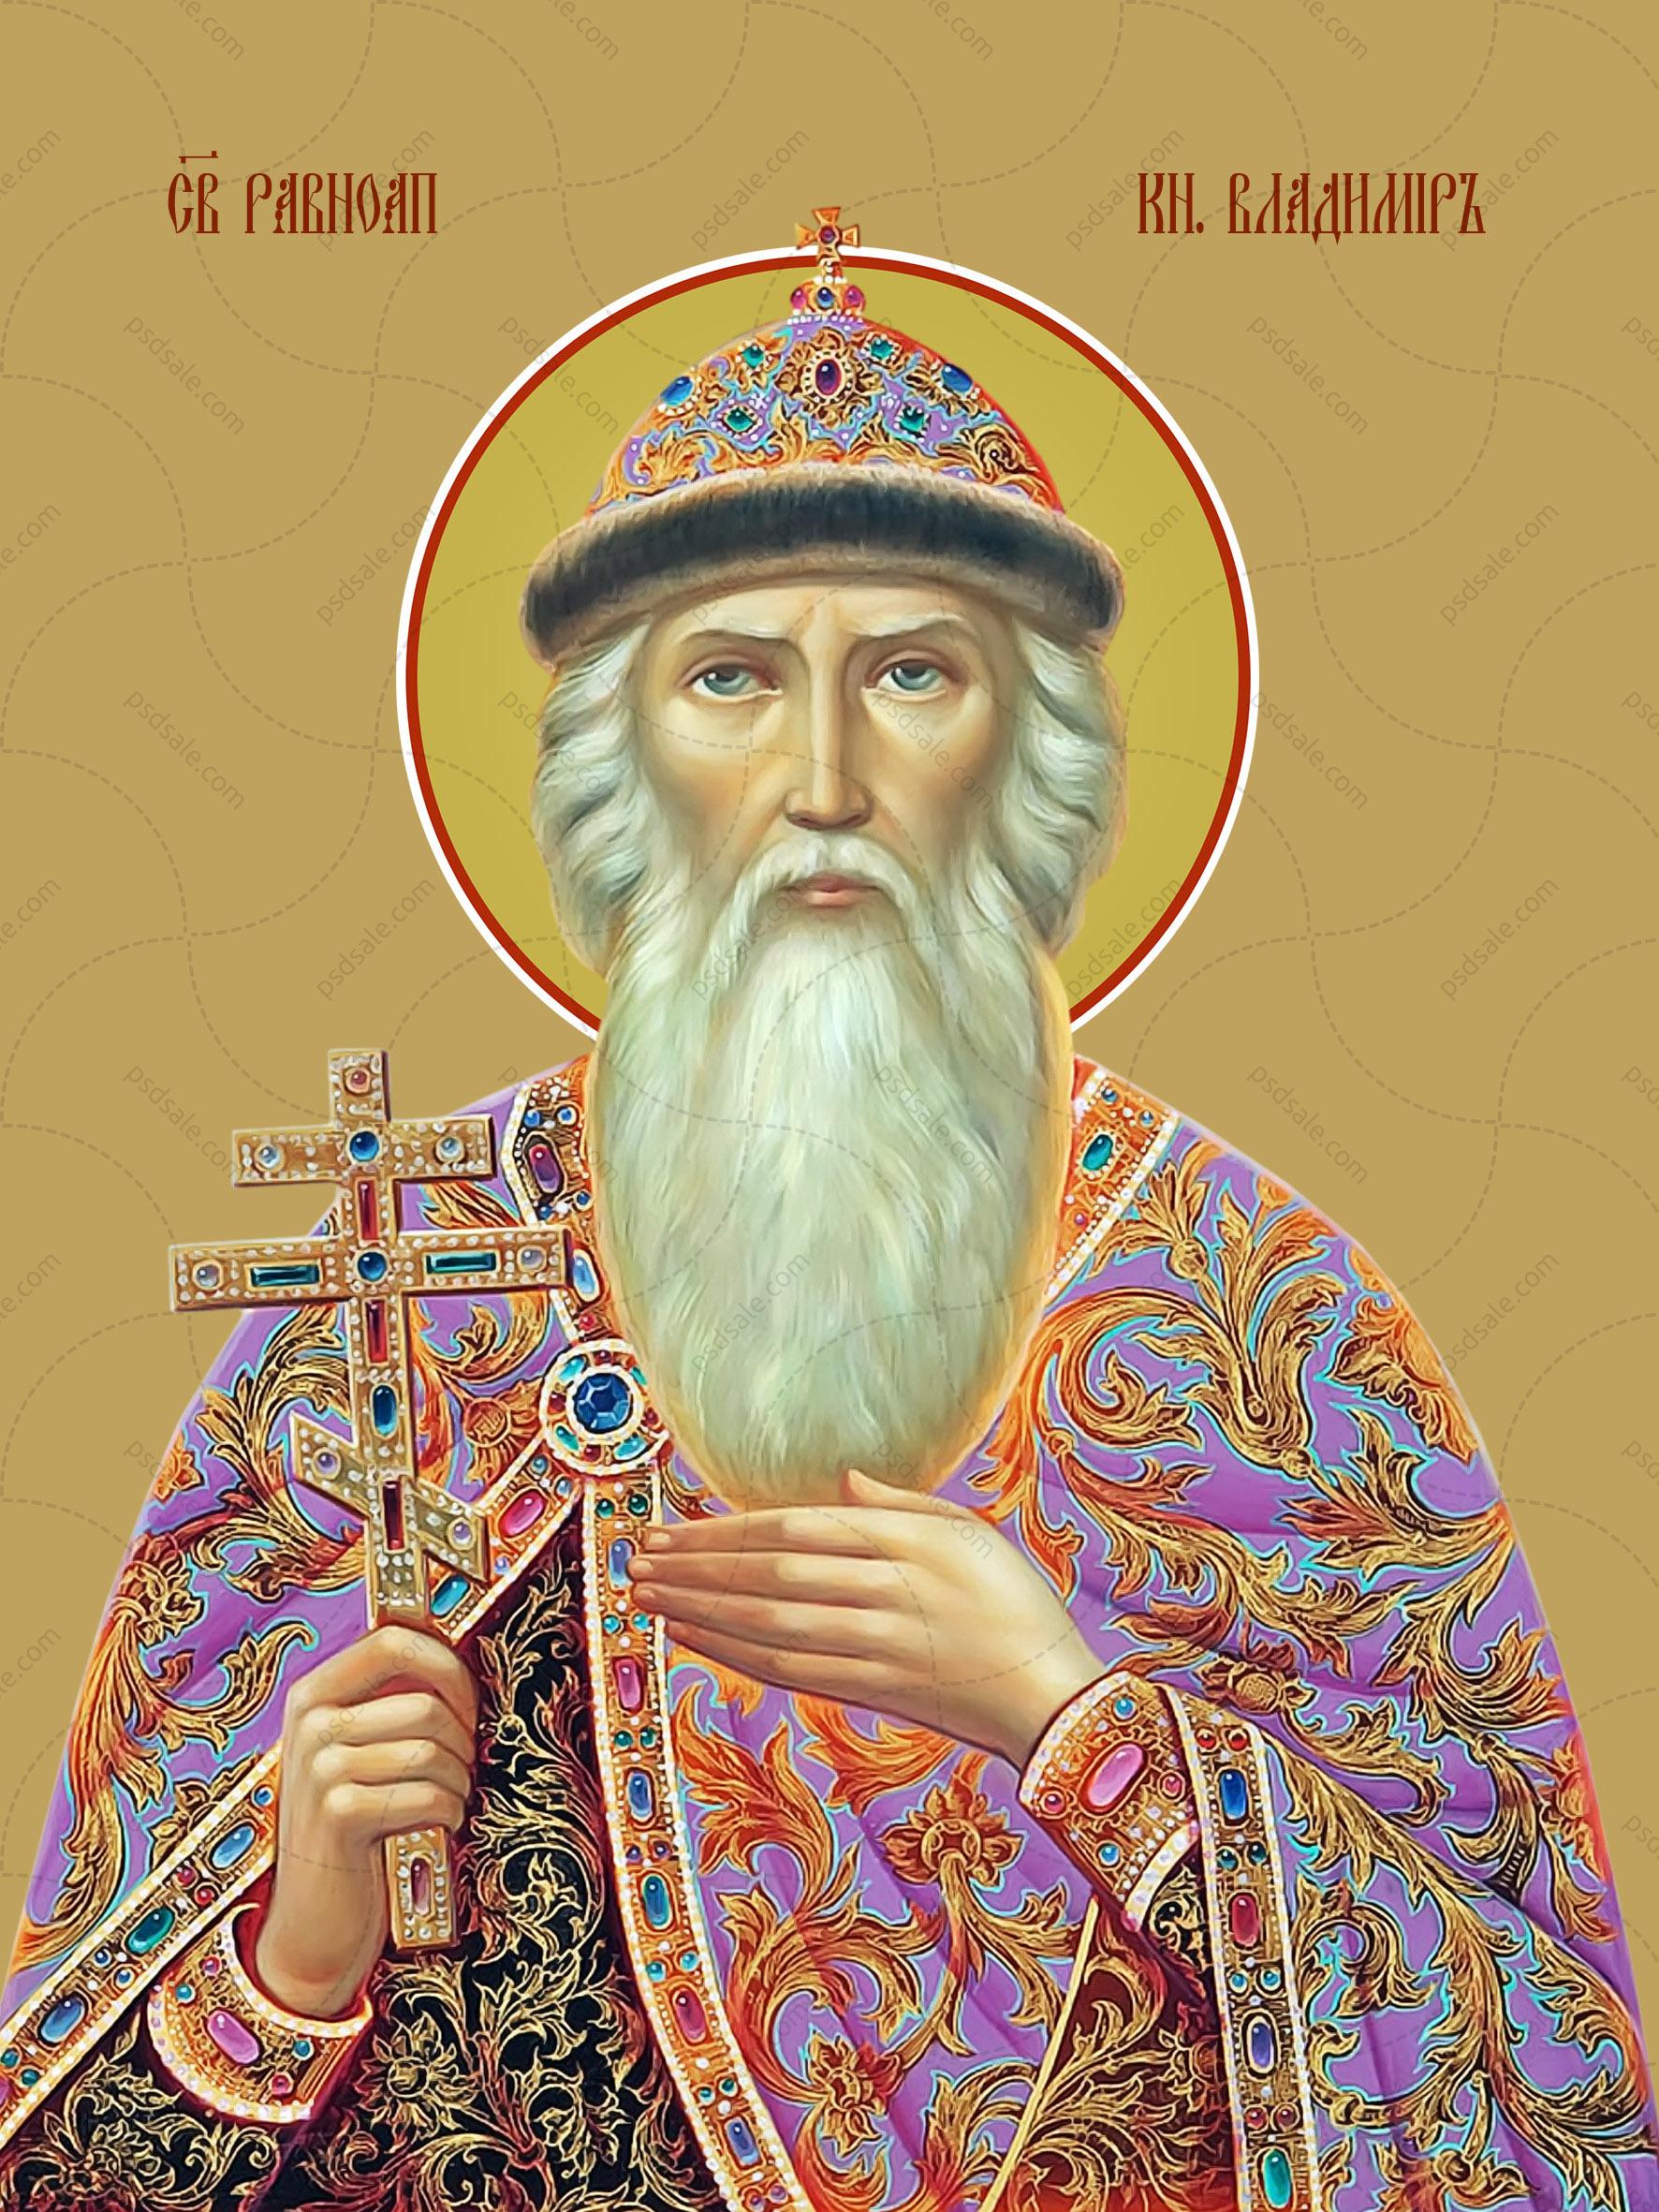 икона святого князя владимира картинки прекрасный город испании